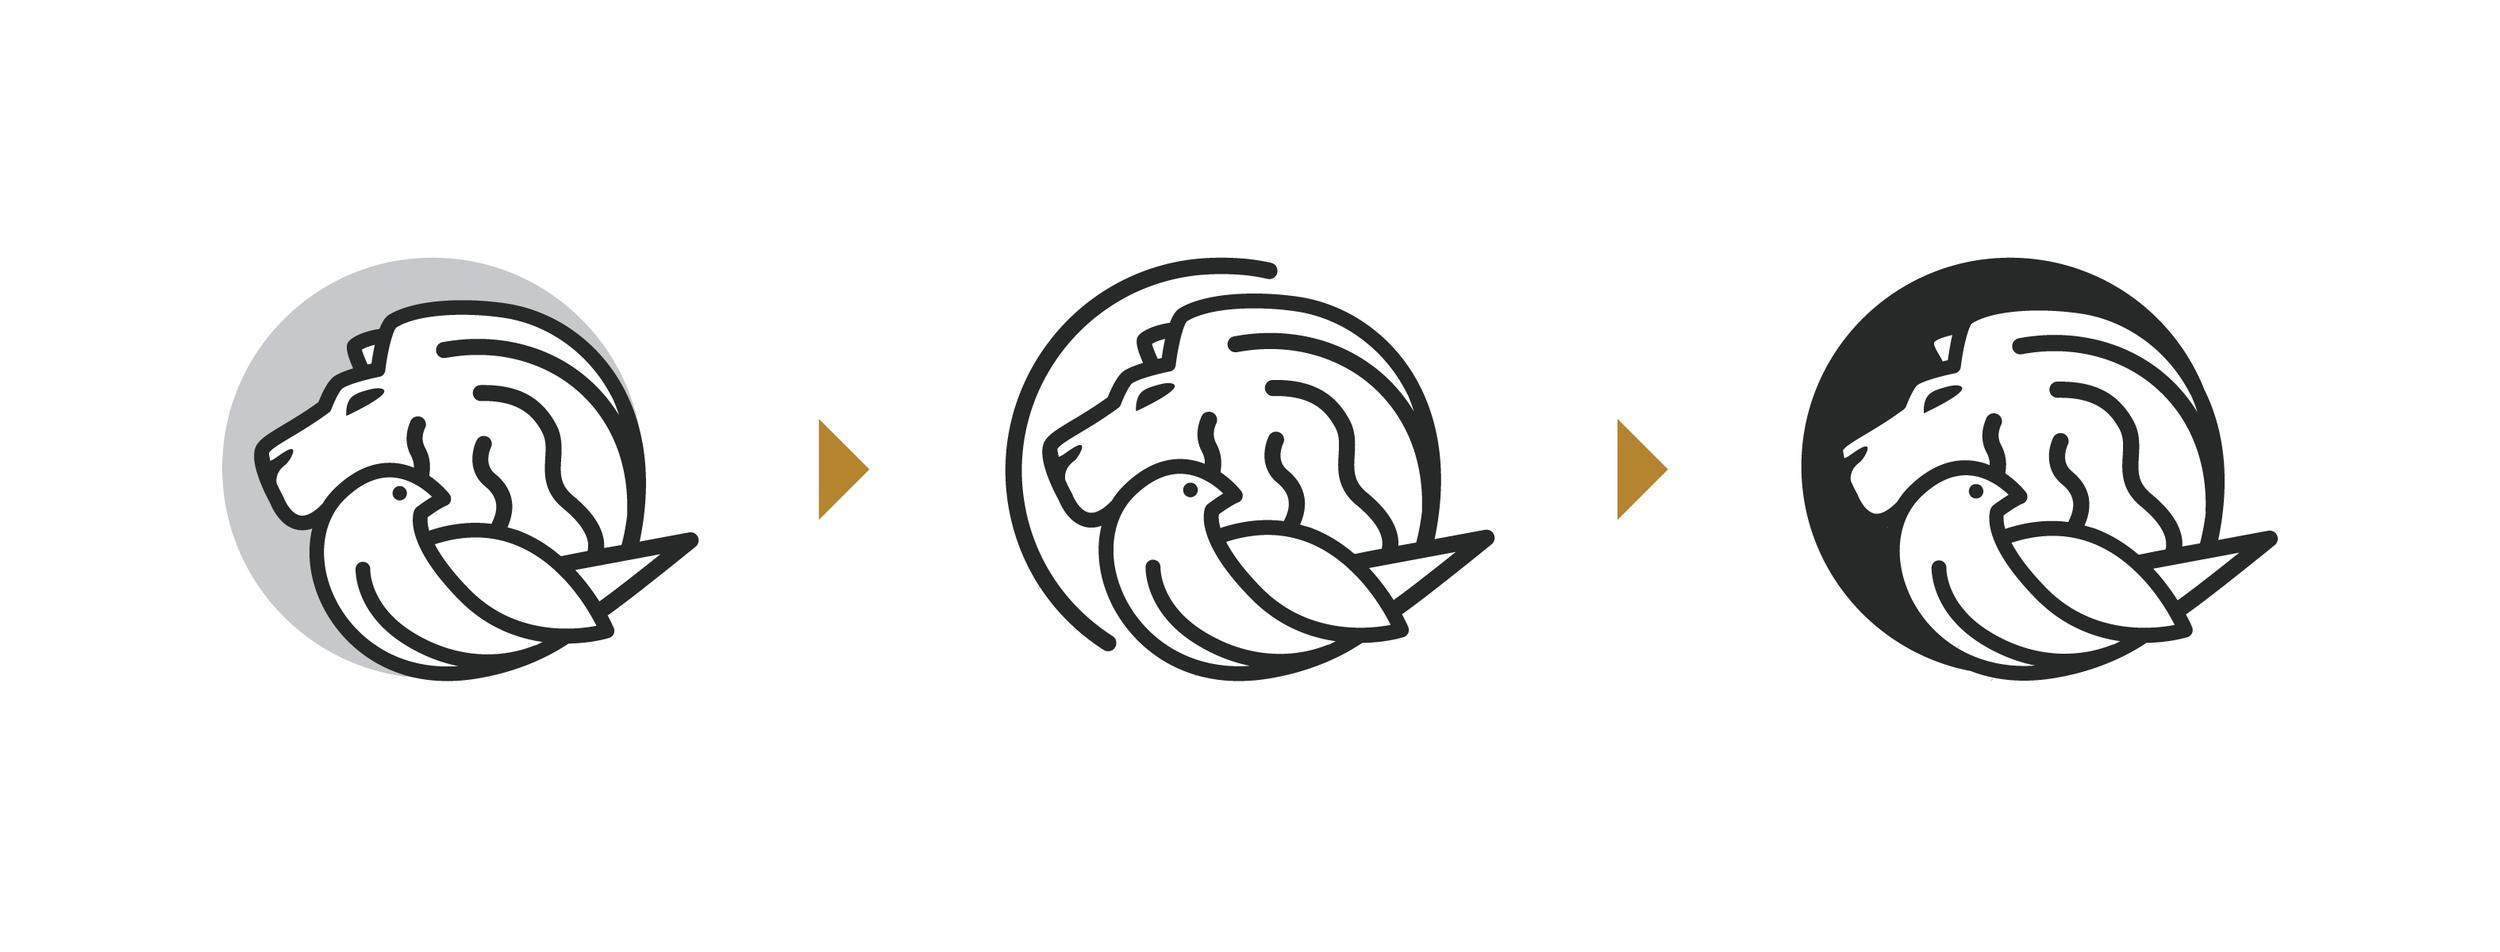 logo-mark-variations